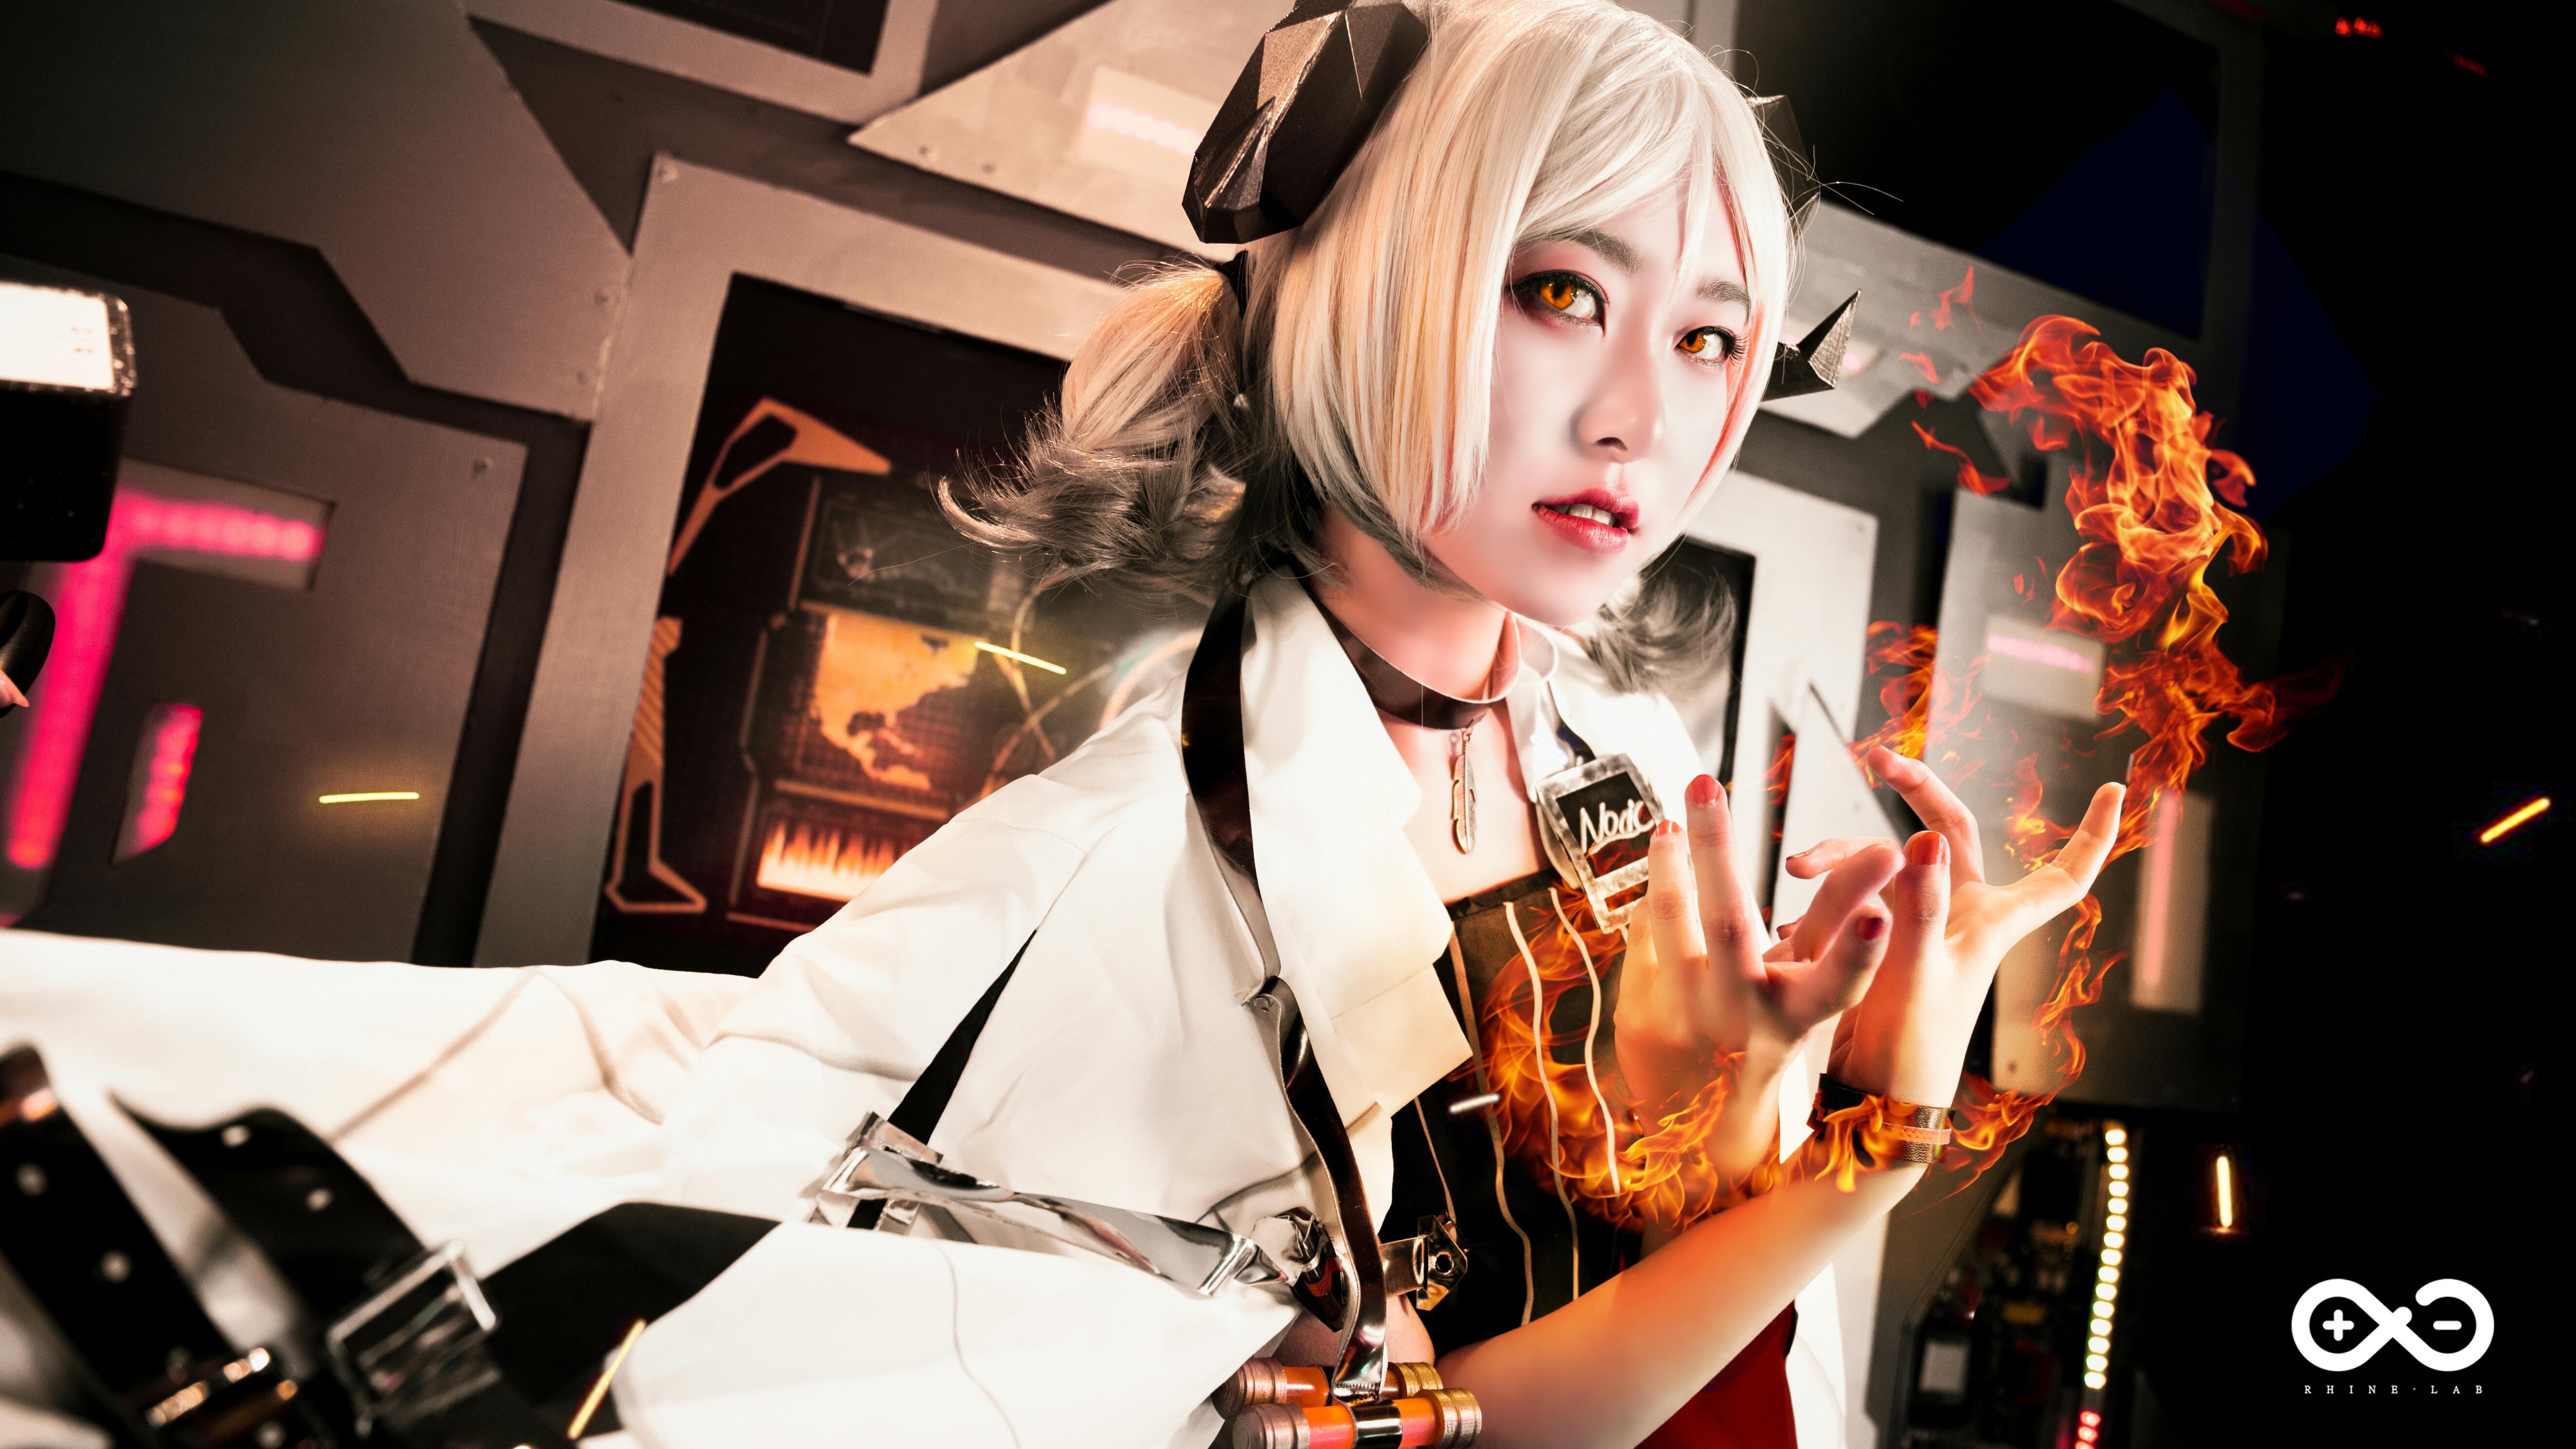 《明日方舟》伊芙利特cosplay【CN:YINGO殷果】-第4张